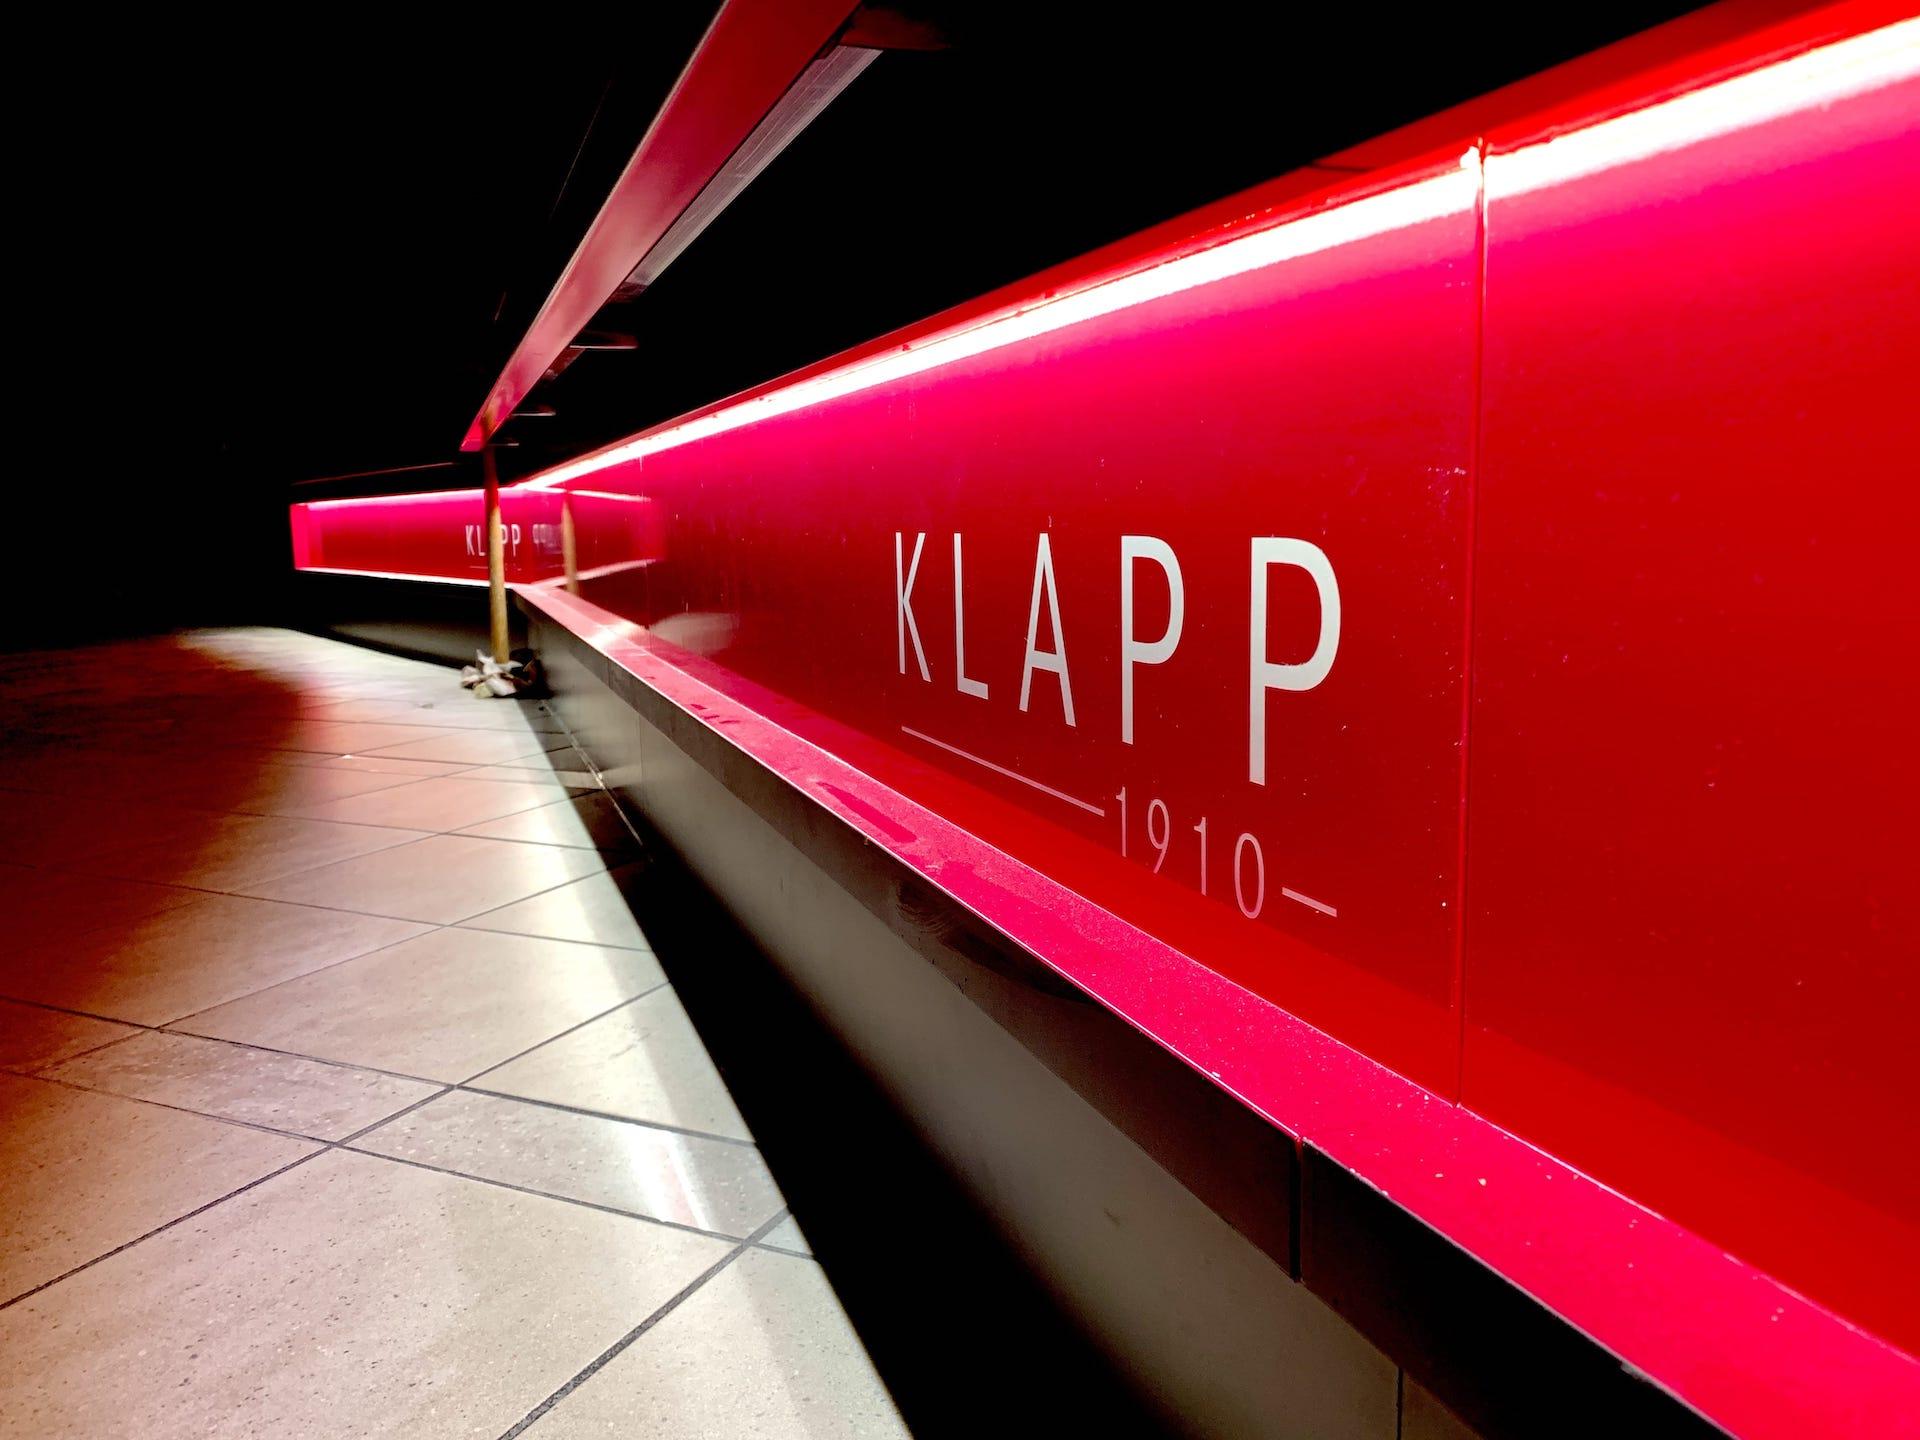 Klapp1910 Umbau 00013 - KLAPP1910 Stammhaus im neuen Design wiedereröffnet